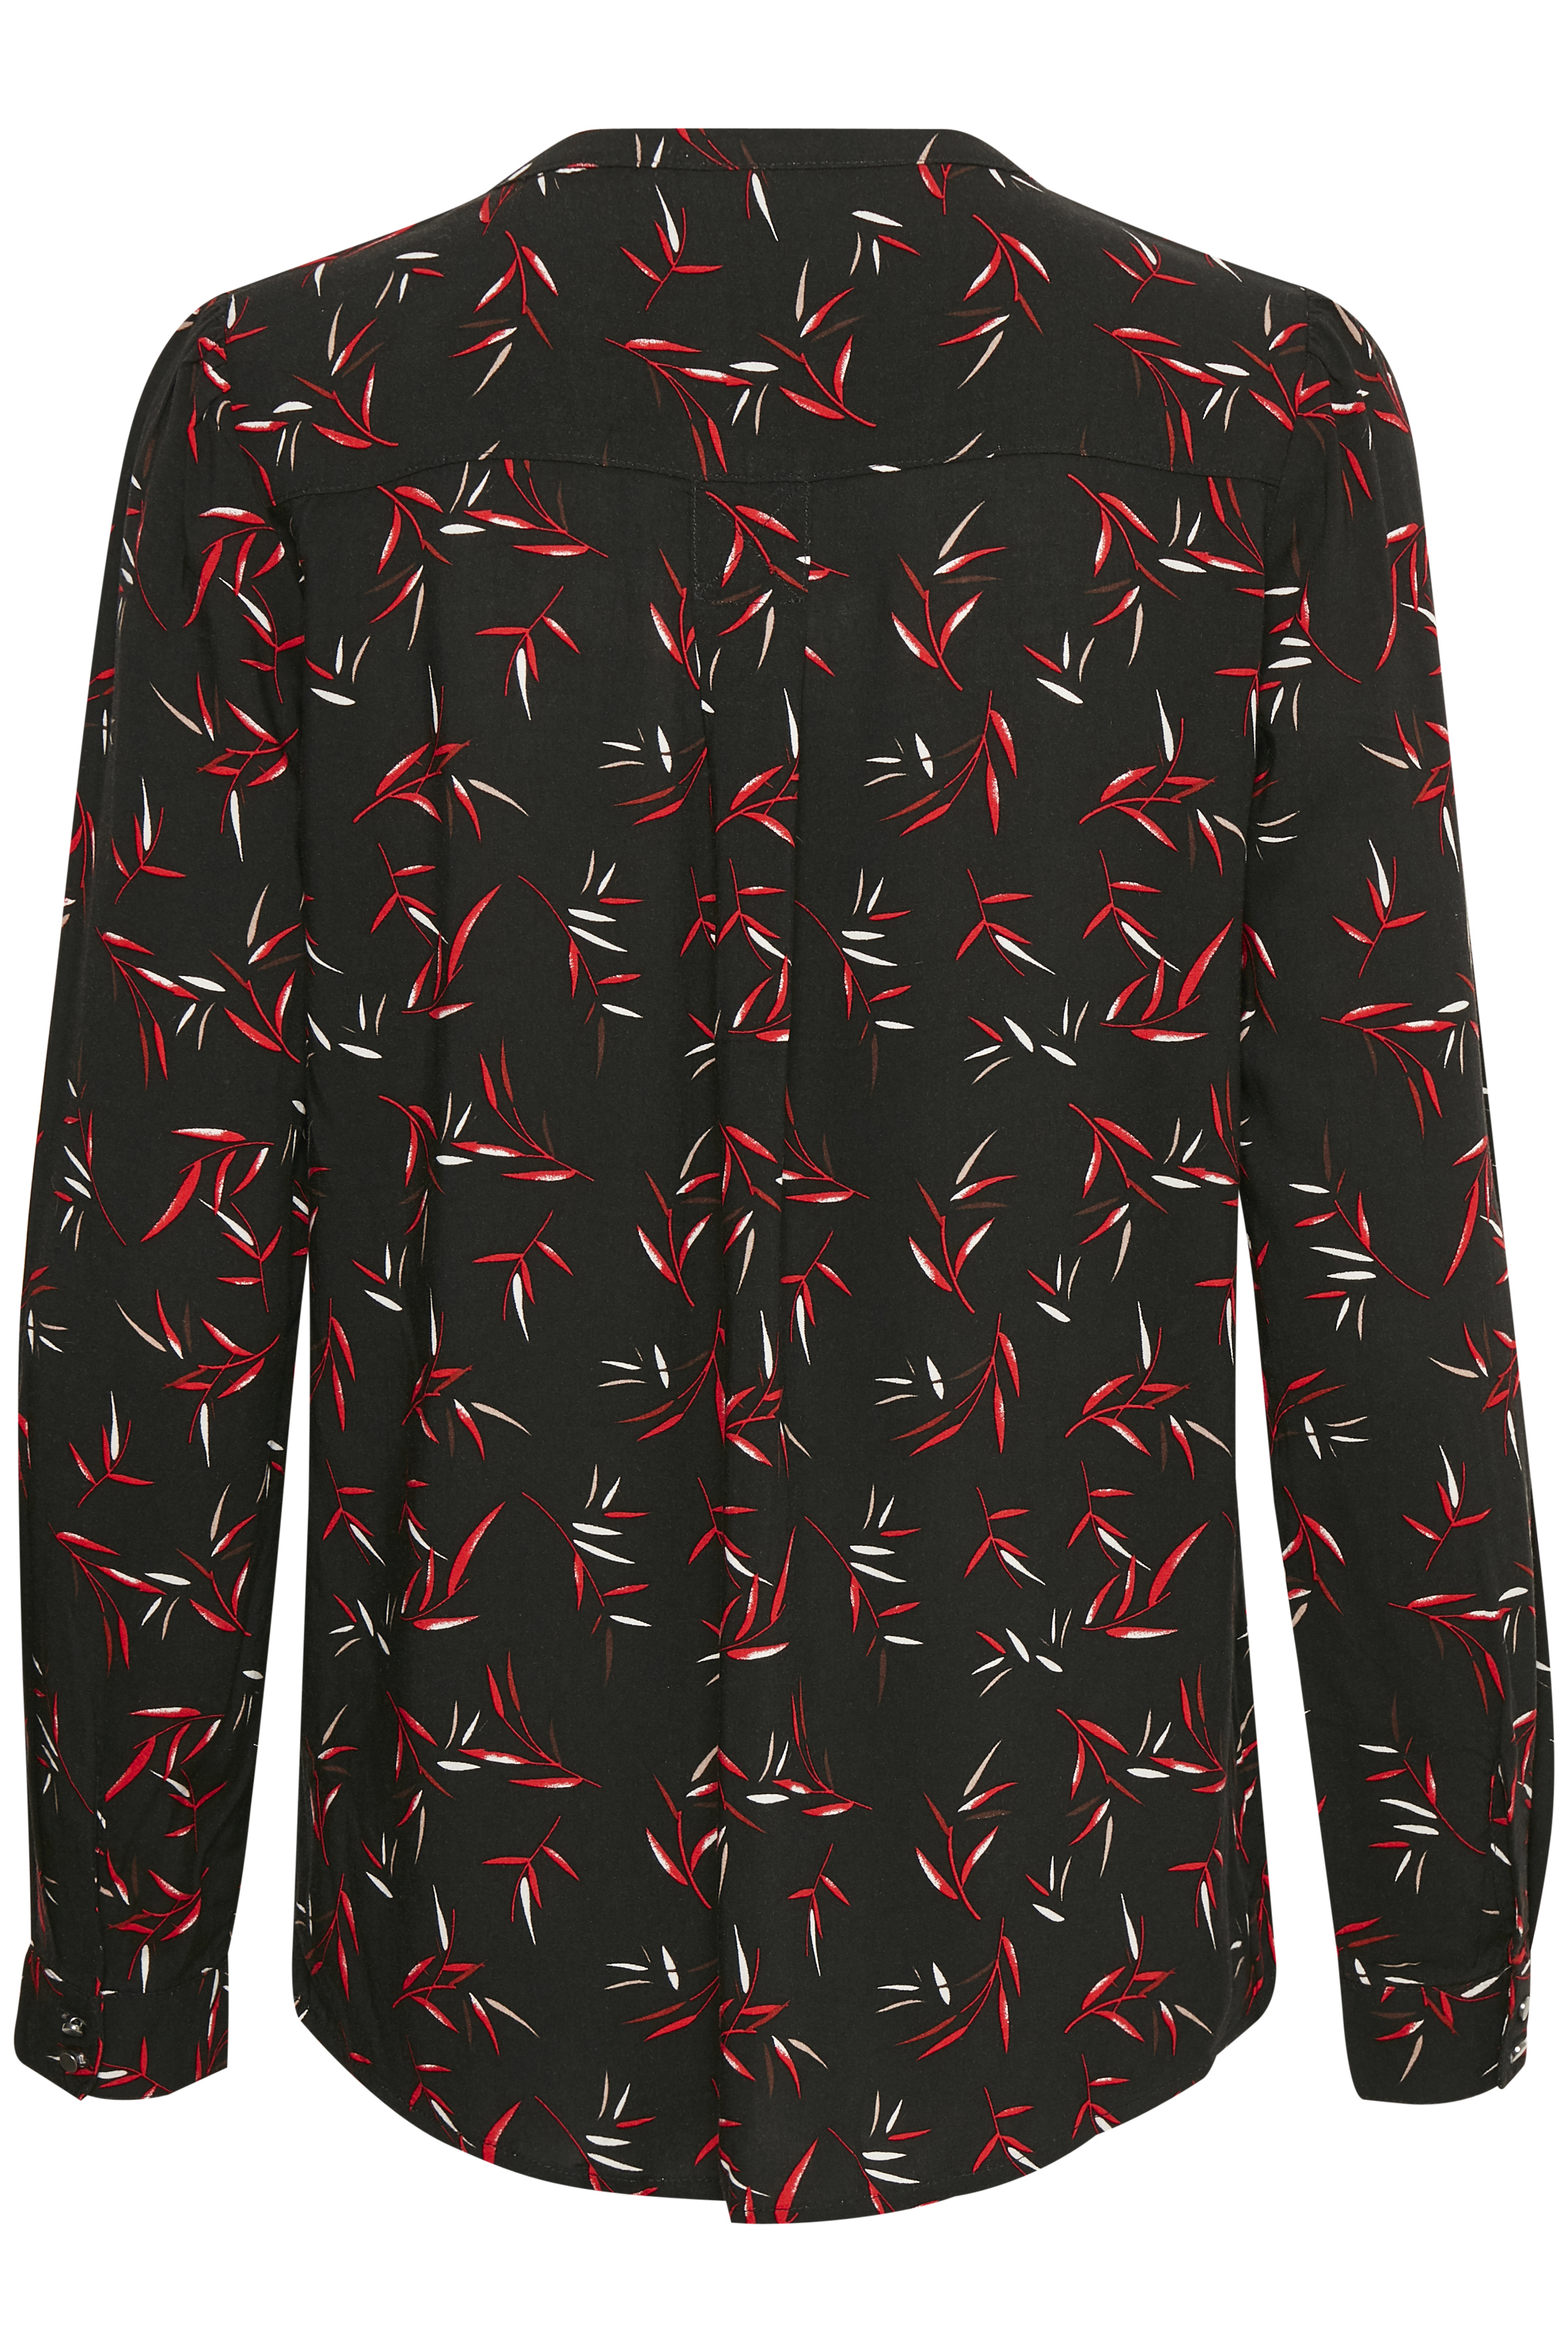 Svart/röd Långärmad blus från Fransa – Köp Svart/röd Långärmad blus från stl. XS-XXL här